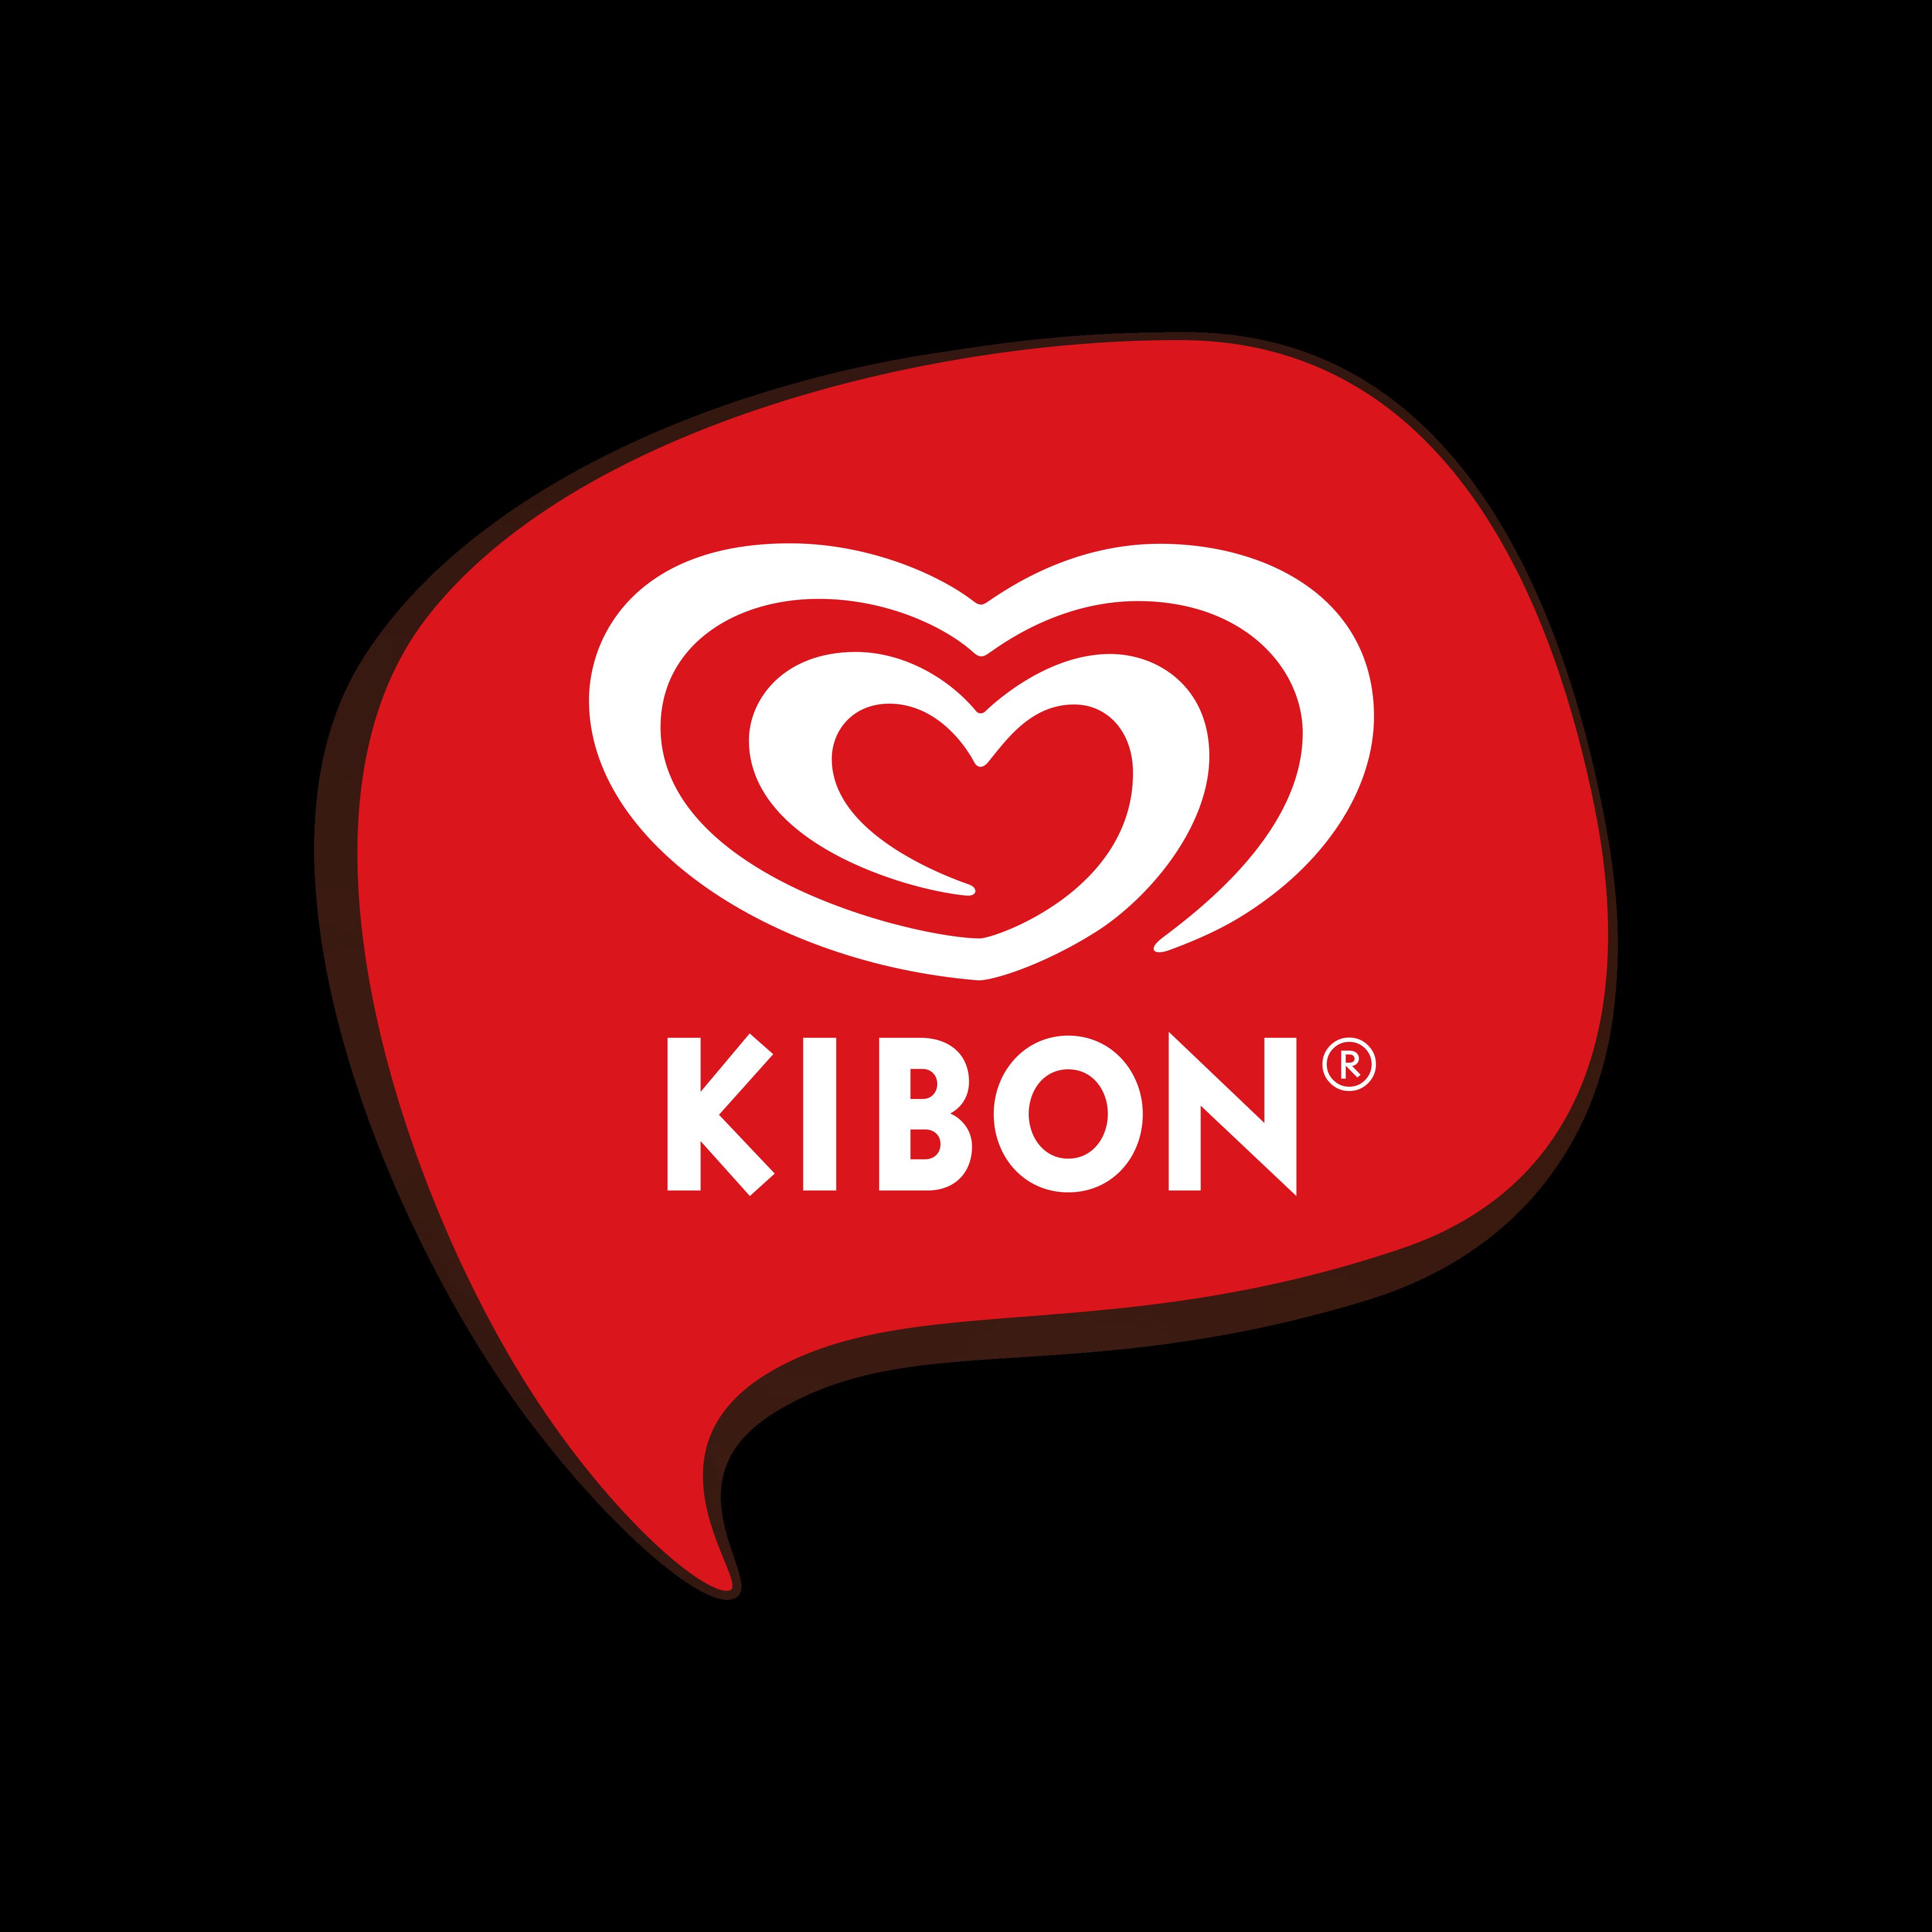 kibon logo 0 - Kibon Logo